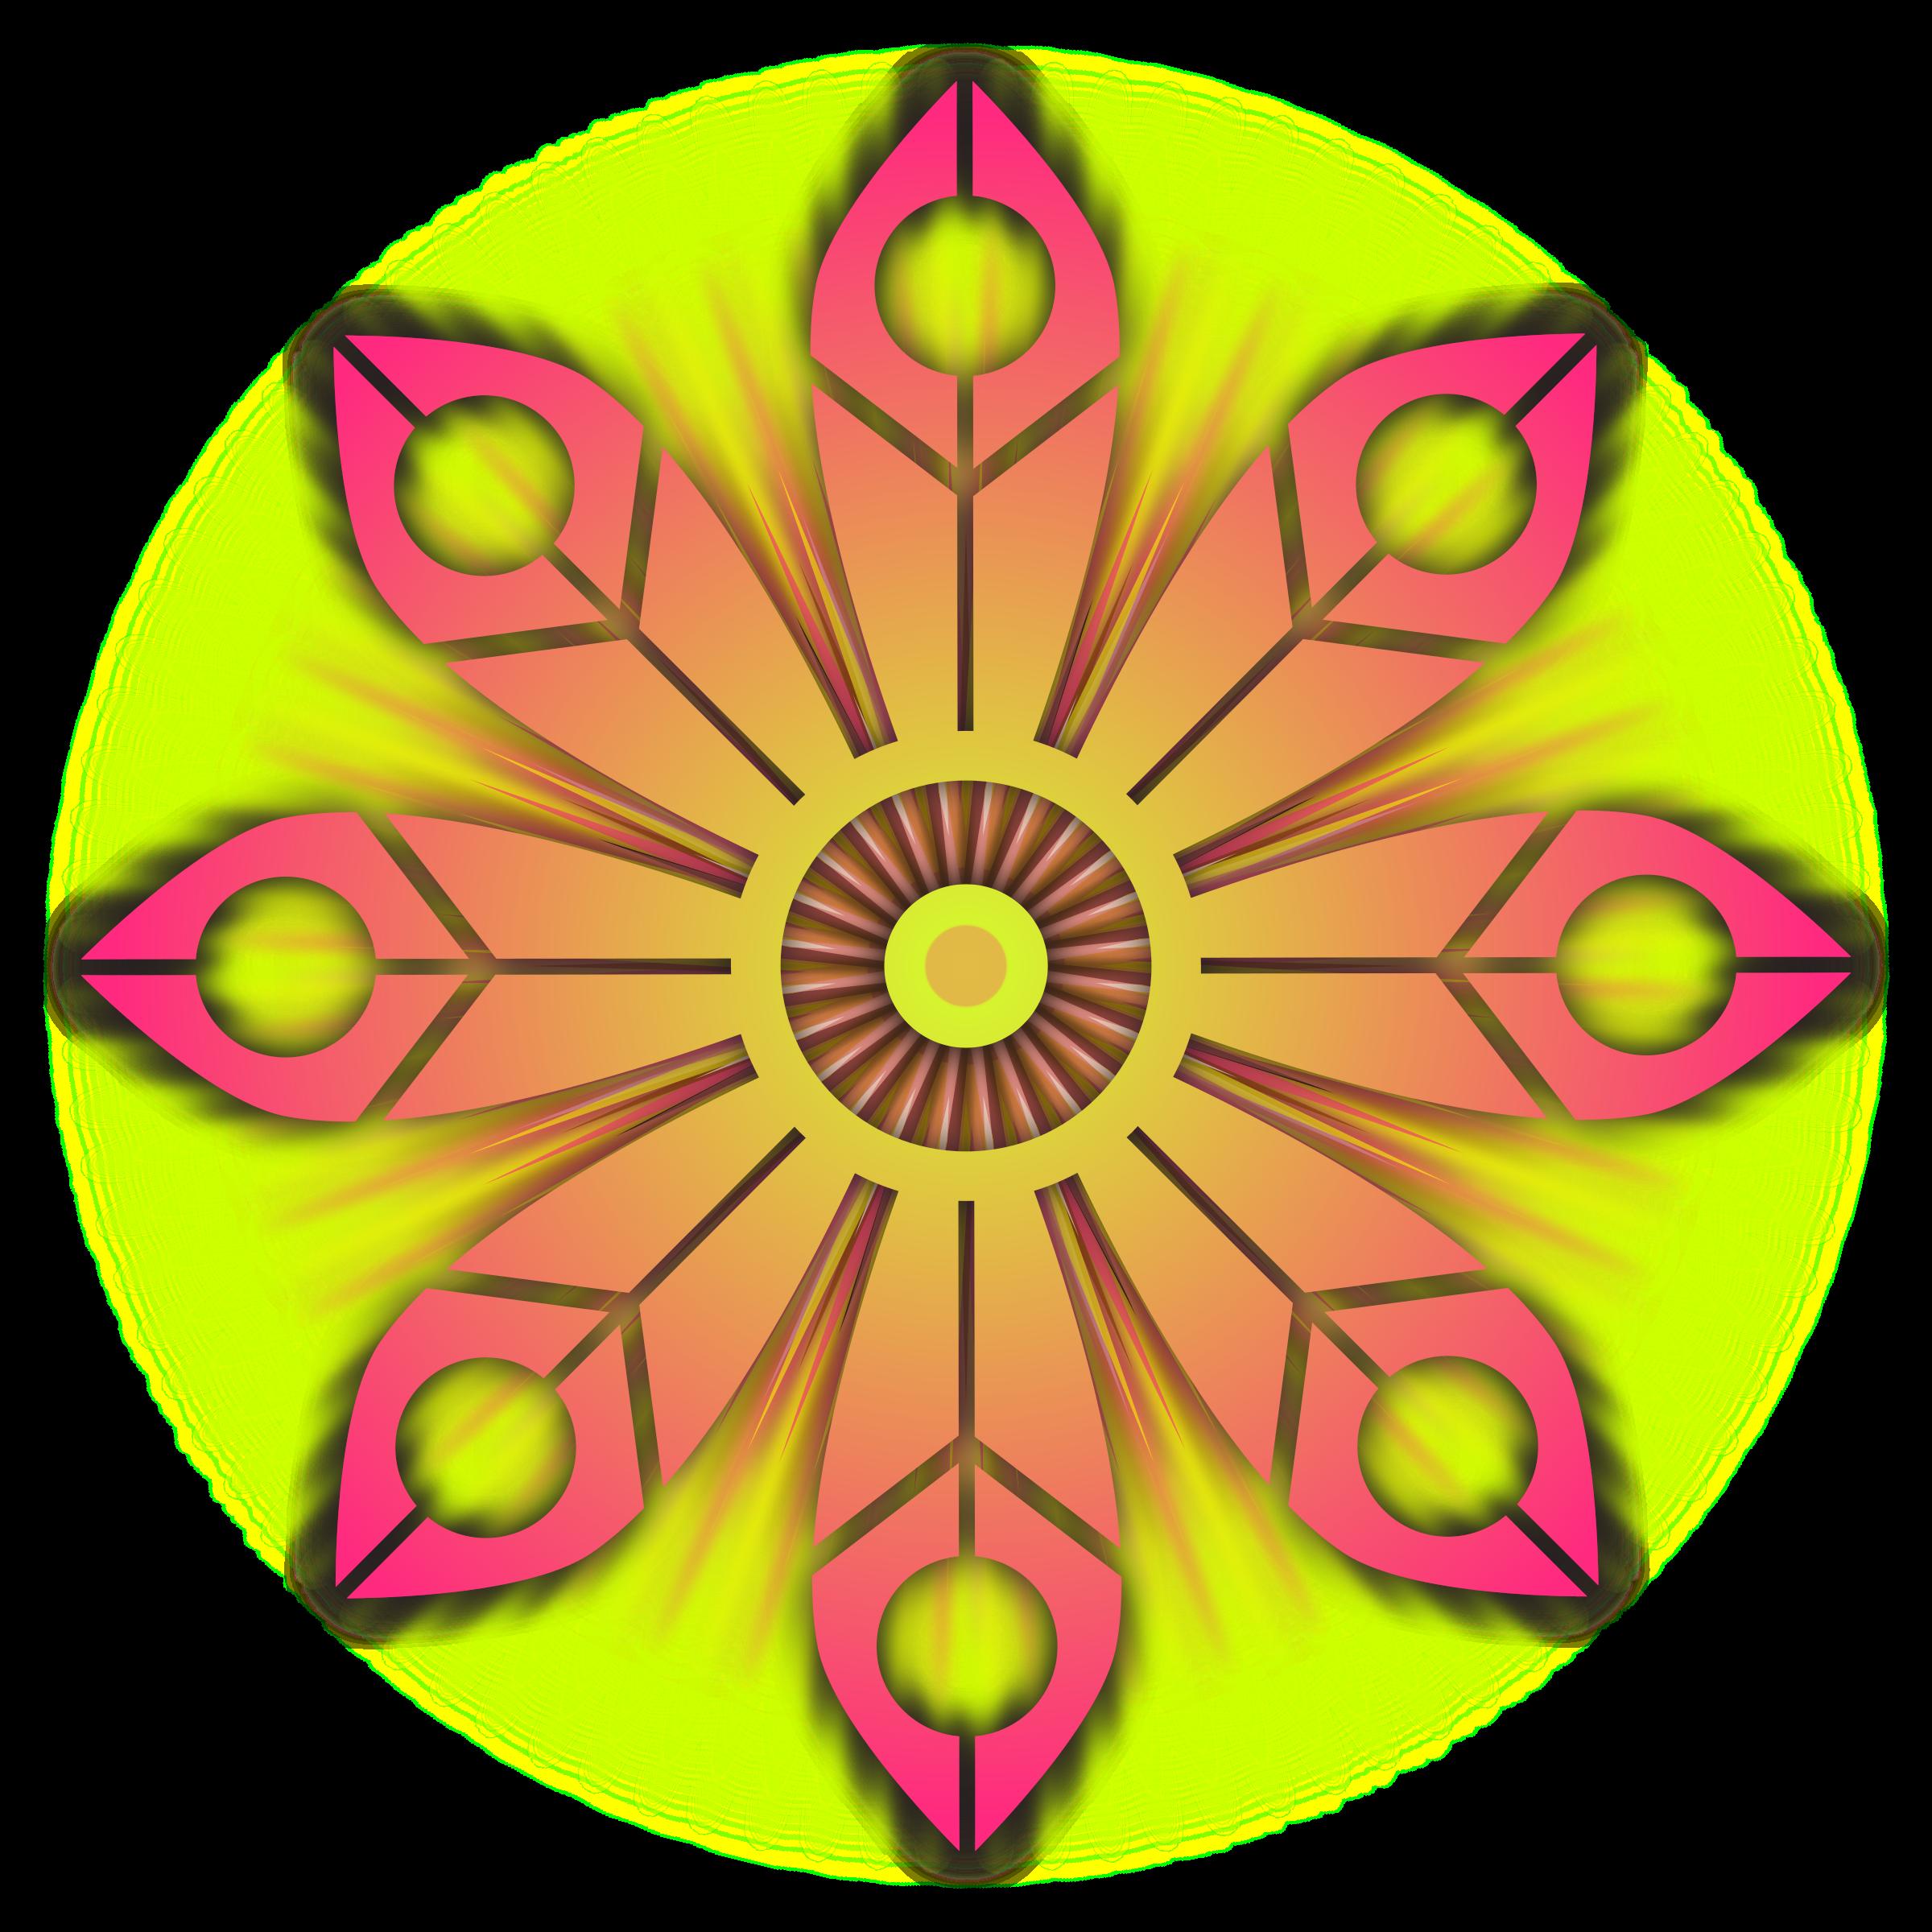 Flower Burst - Flower Burst PNG